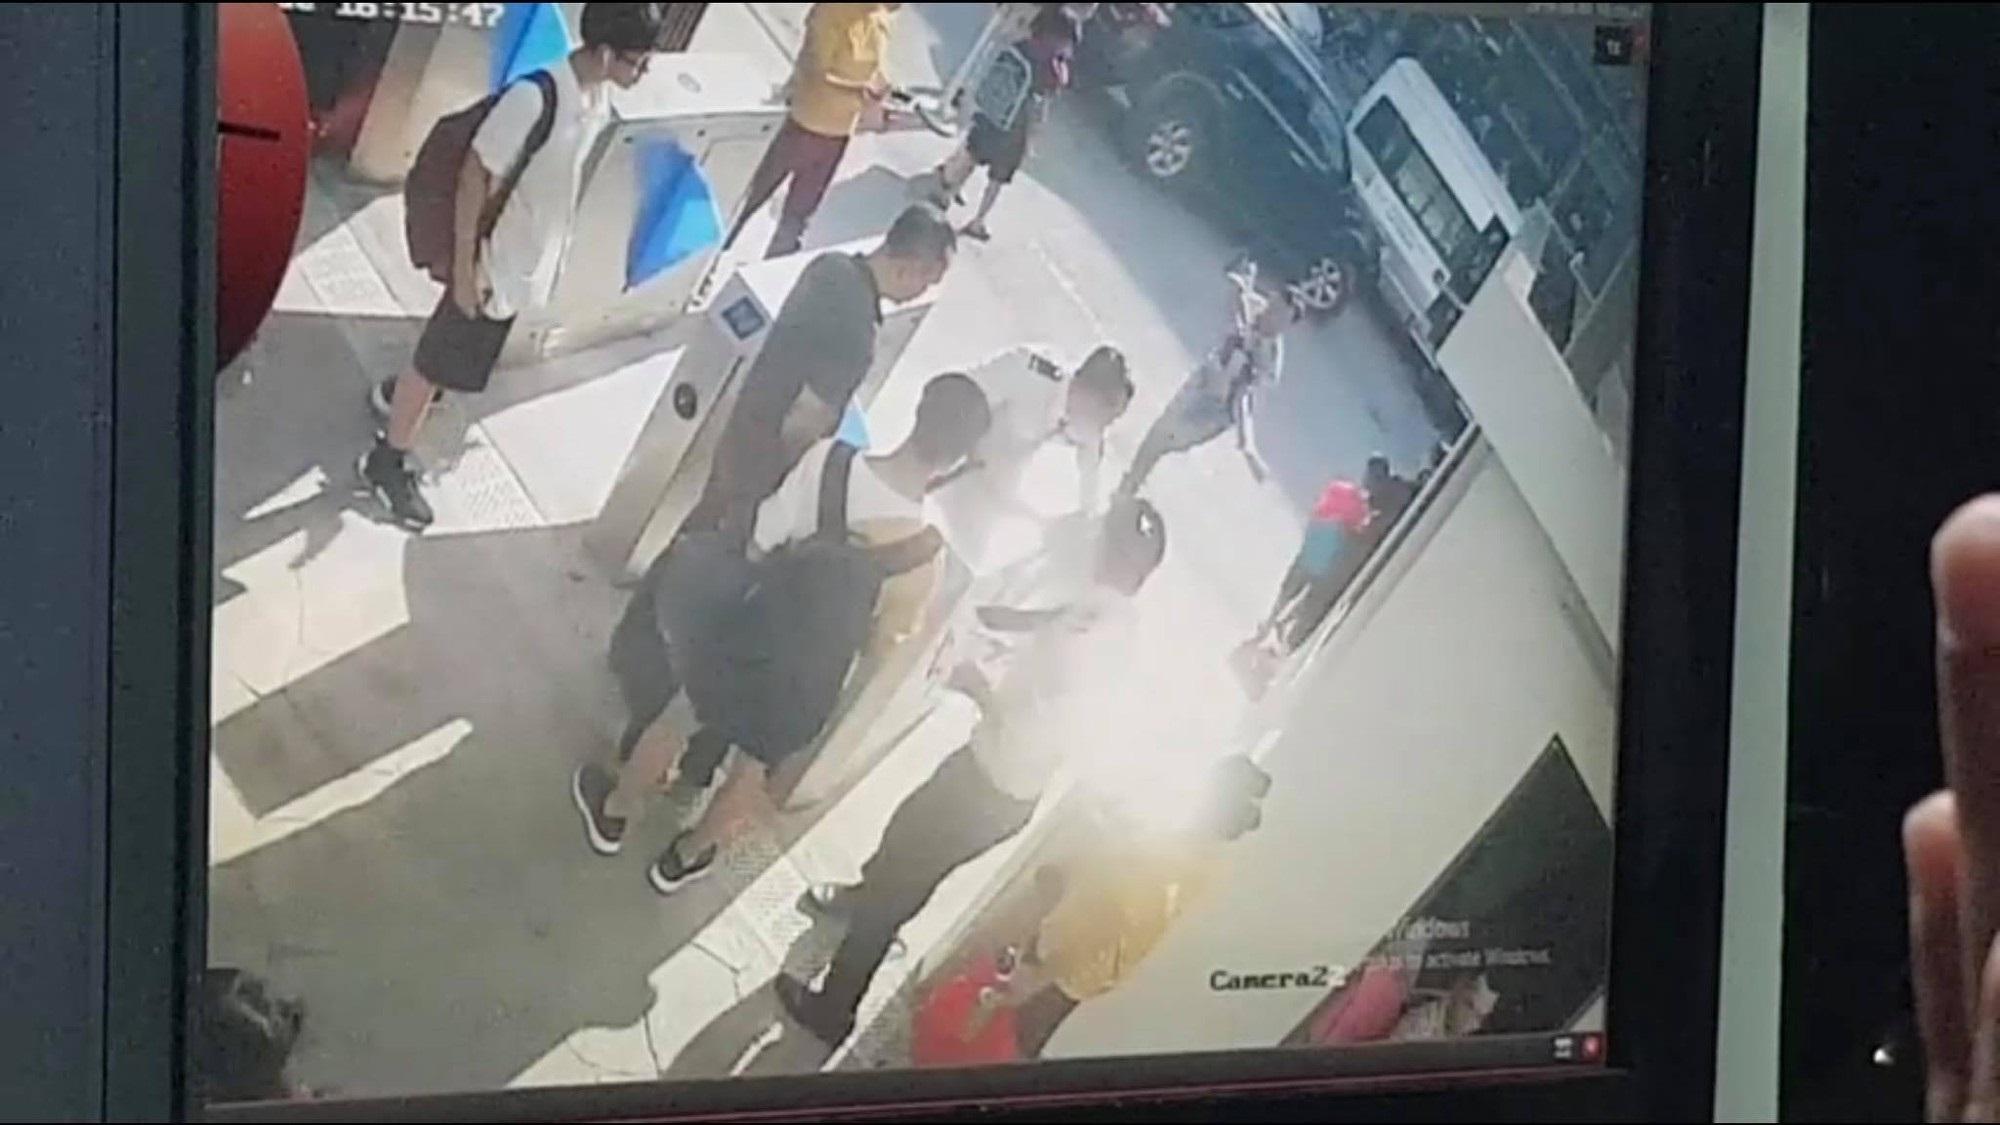 Vụ bé trai 6 tuổi tử vong vì bị bỏ quên trên xe đưa đón: Cái chết tức tưởi của đứa trẻ ngoan và đám người lớn quanh co kém đàng hoàng! - Ảnh 1